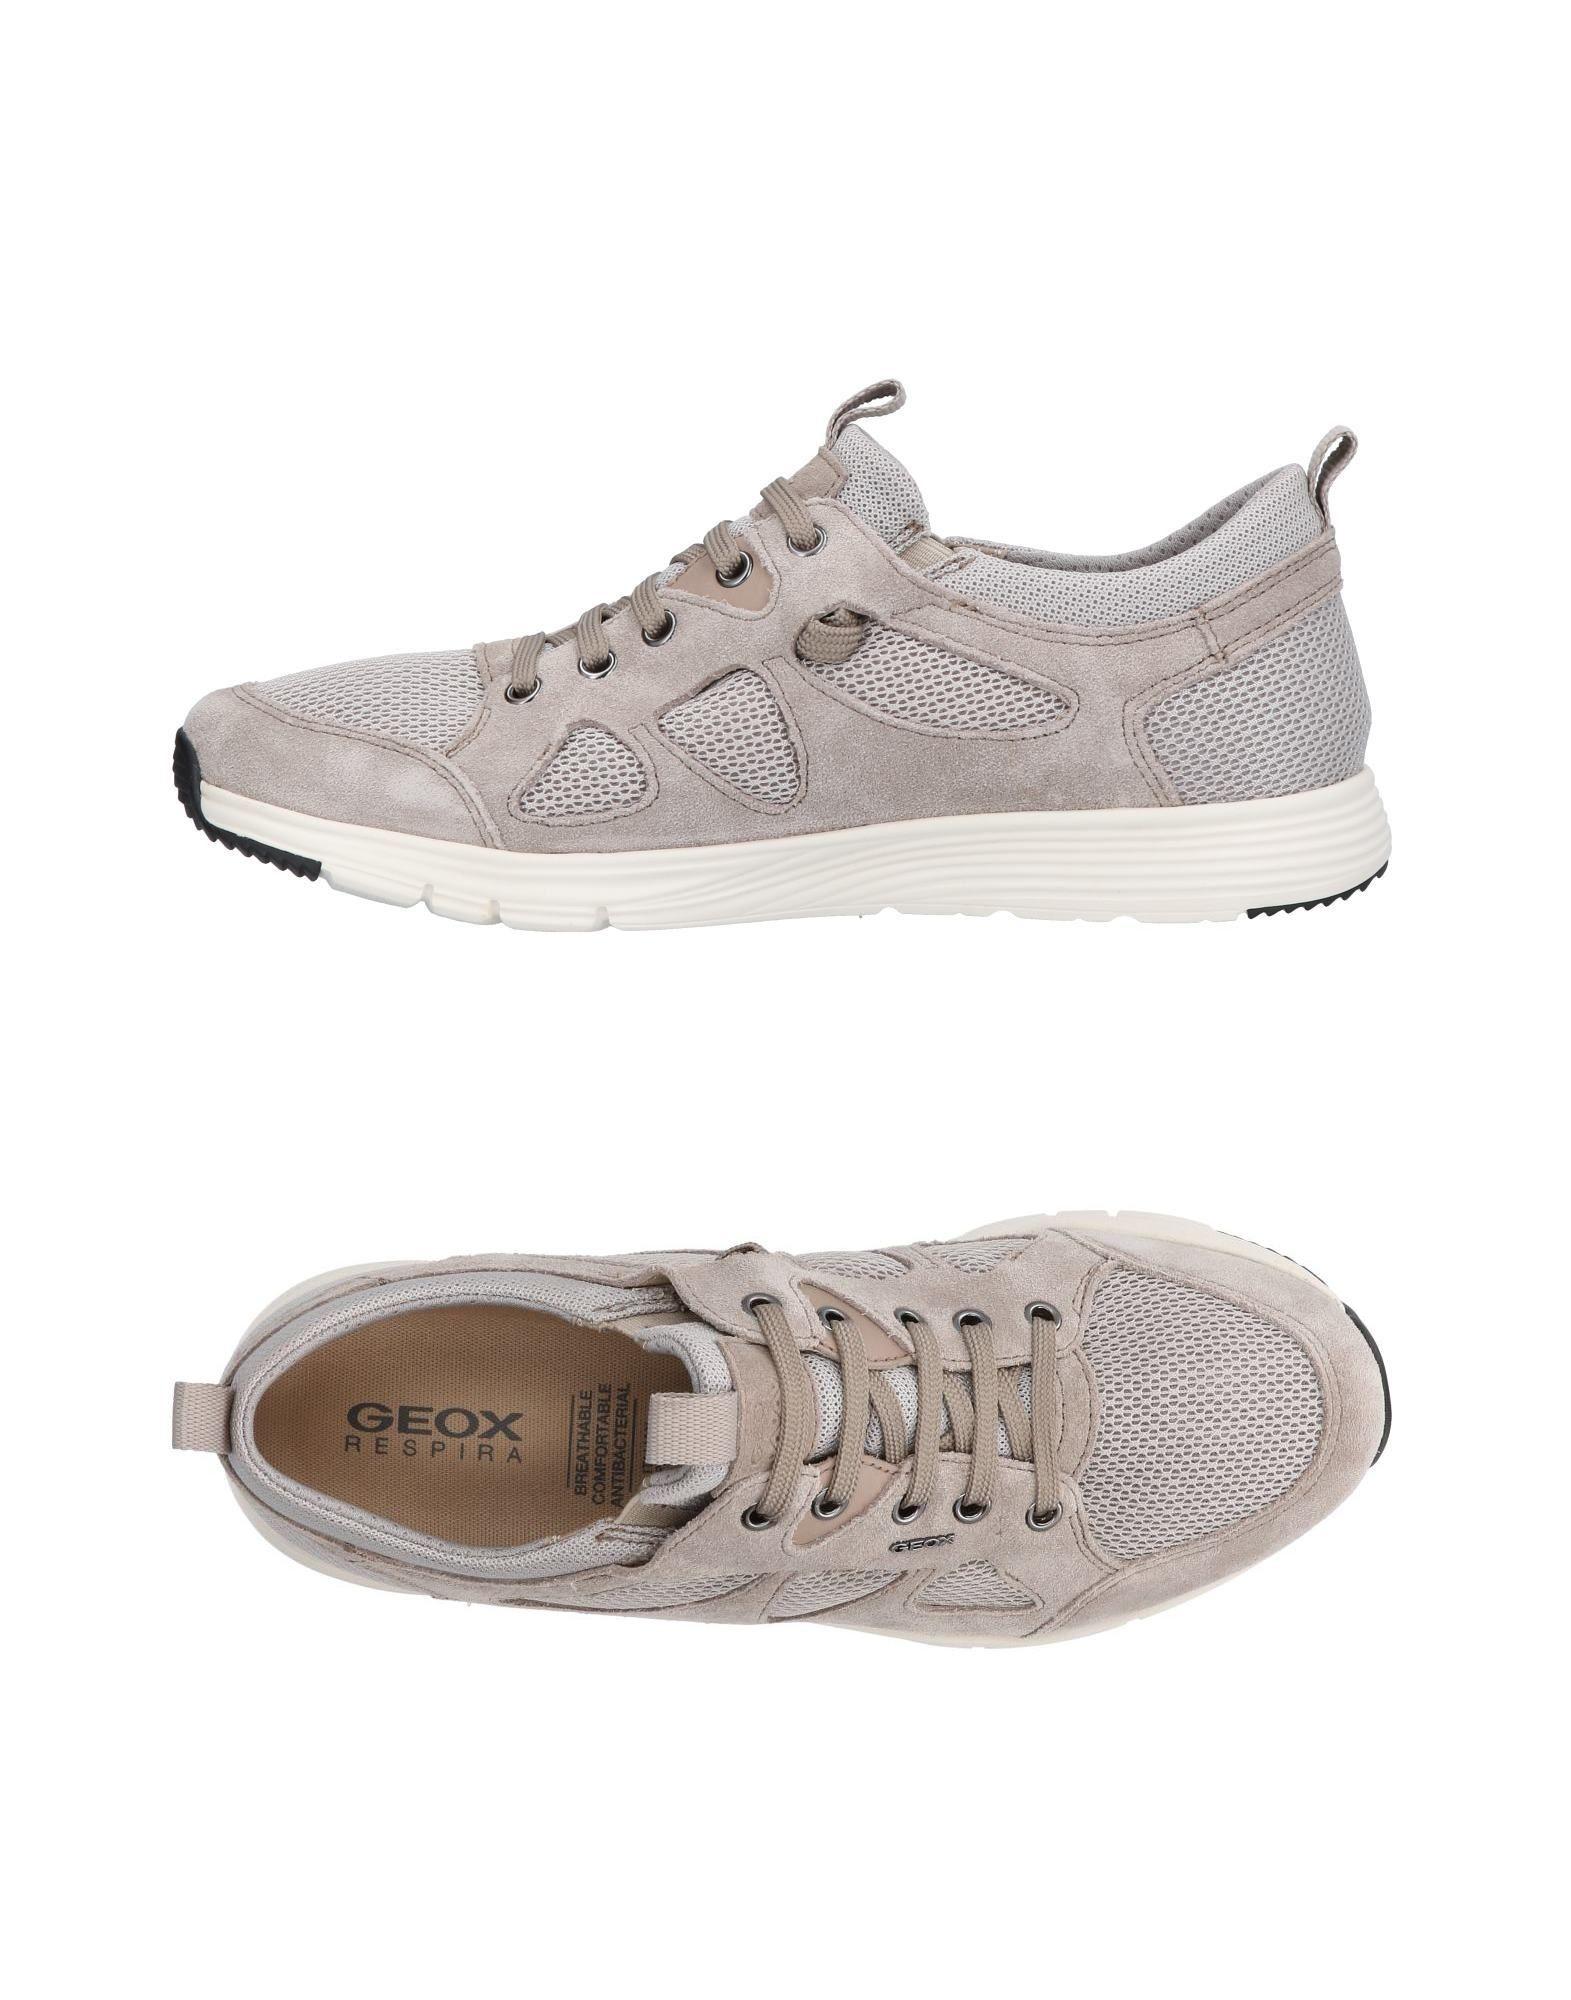 Sneakers Geox Homme - Sneakers Geox  Gris tourterelle Spécial temps limité